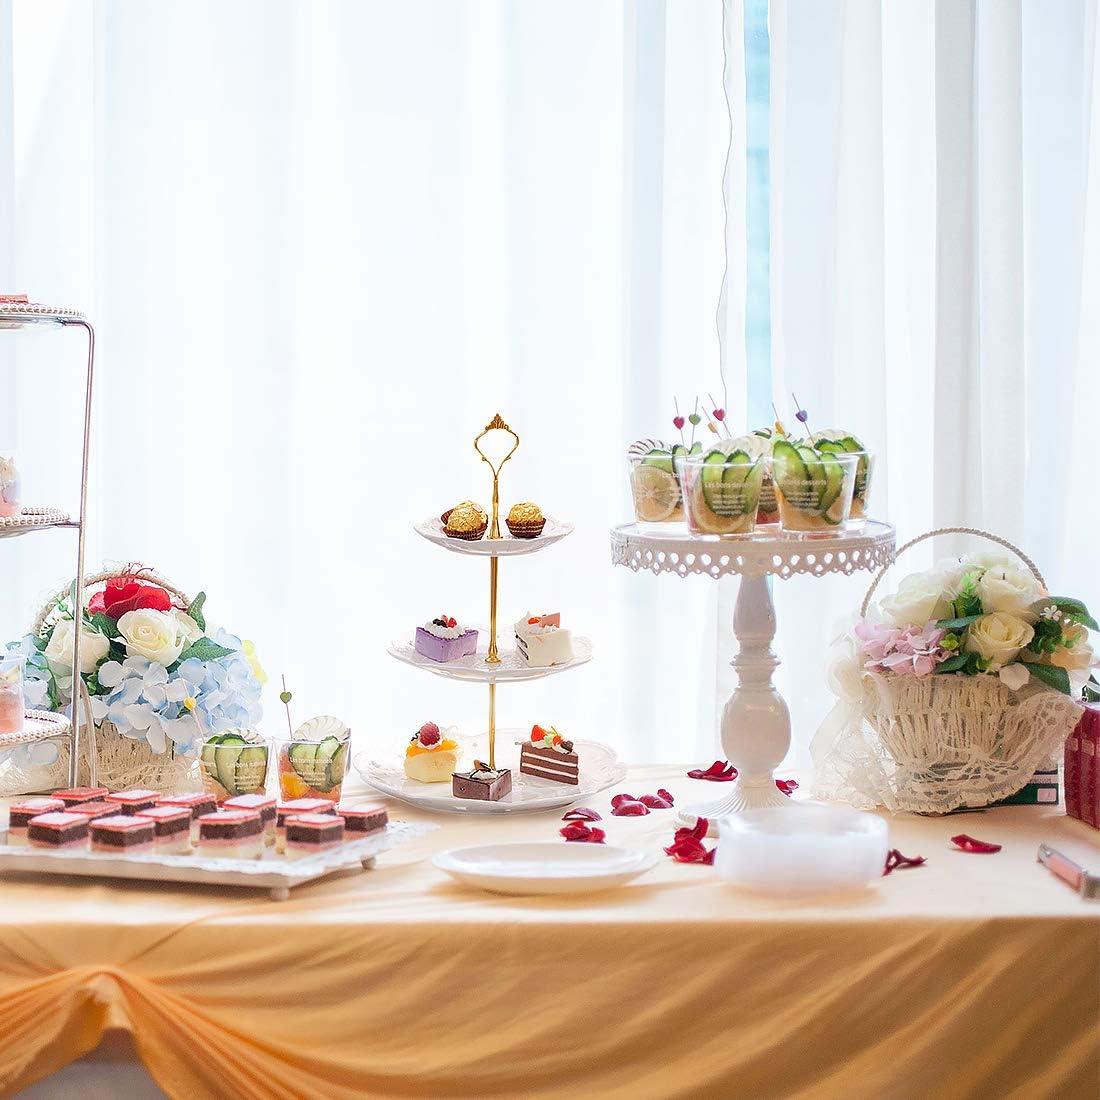 K/äseplatte Cupcake Dessert St/änder Etagere bausatz Stange Metallstab Kuchenst/änder Party Hochzeit Deko Tortenst/änder Keks Servierst/änder Zedela Etagere 3 St/öckig f/ür Cupcake Obst